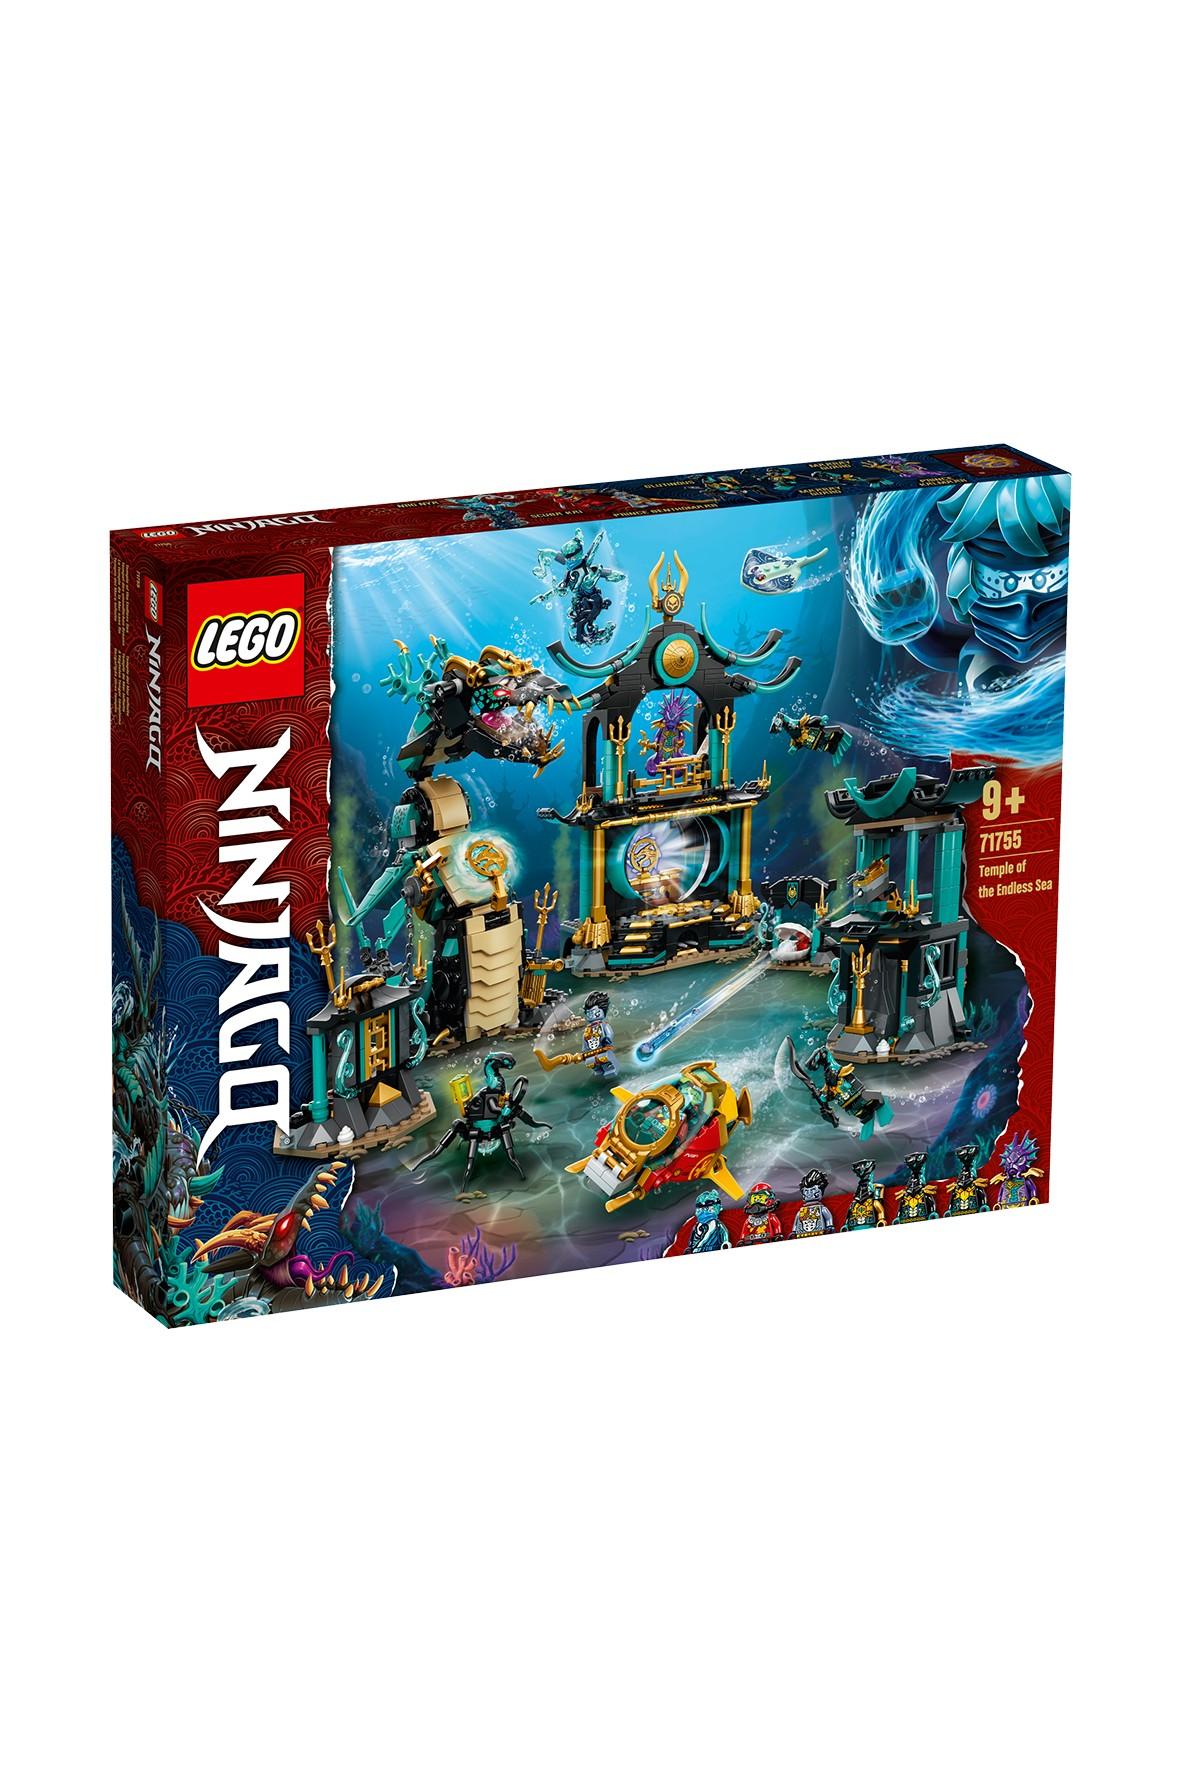 LEGO Ninjago - Świątynia Bezkresnego Morza 71755  - 1060 el wiek 9+